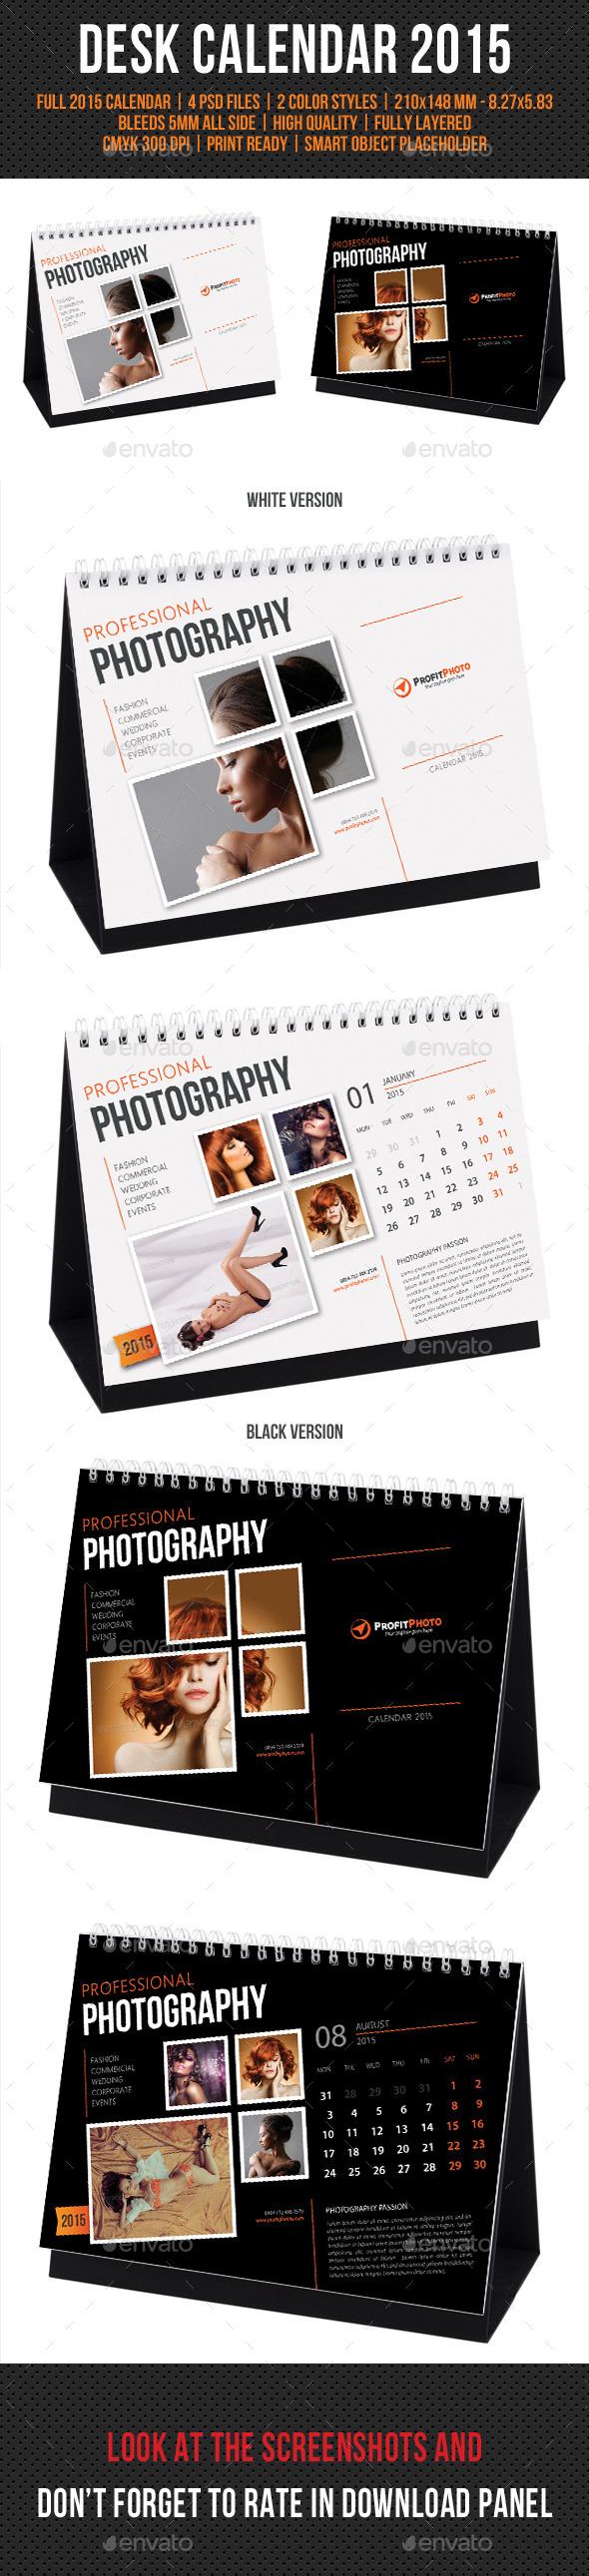 GraphicRiver Creative Desk Calendar 2015 9537572